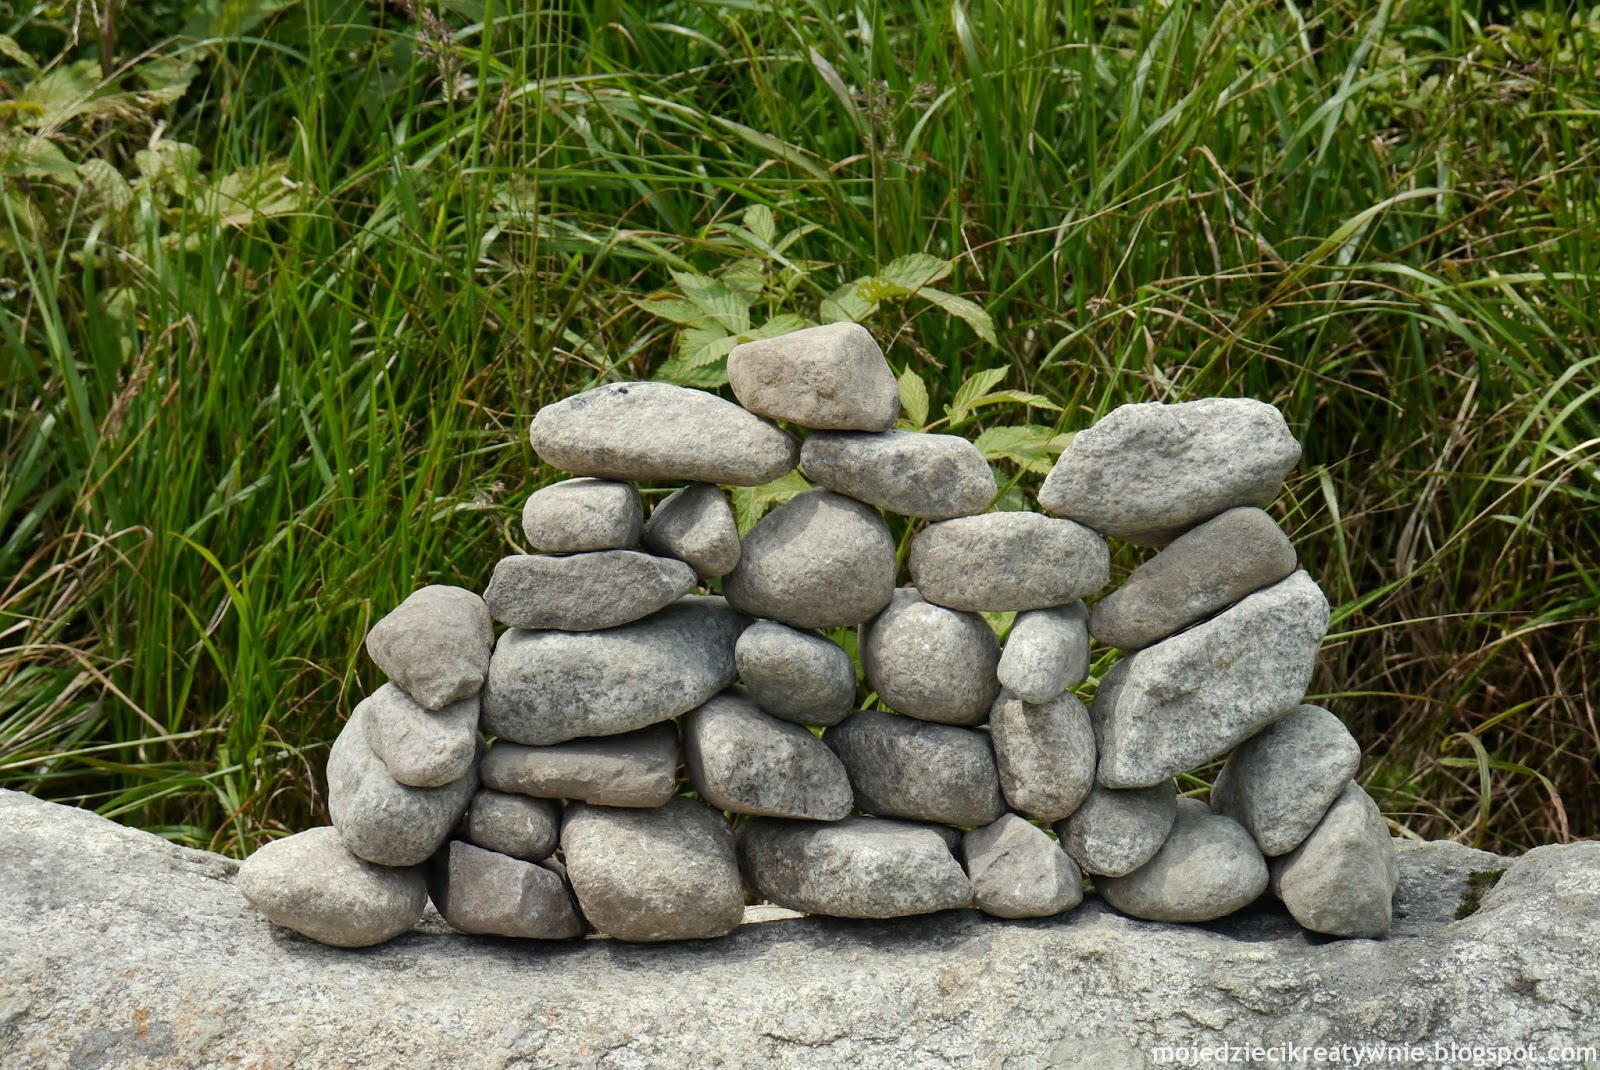 Jak są ustawione te kamienie?